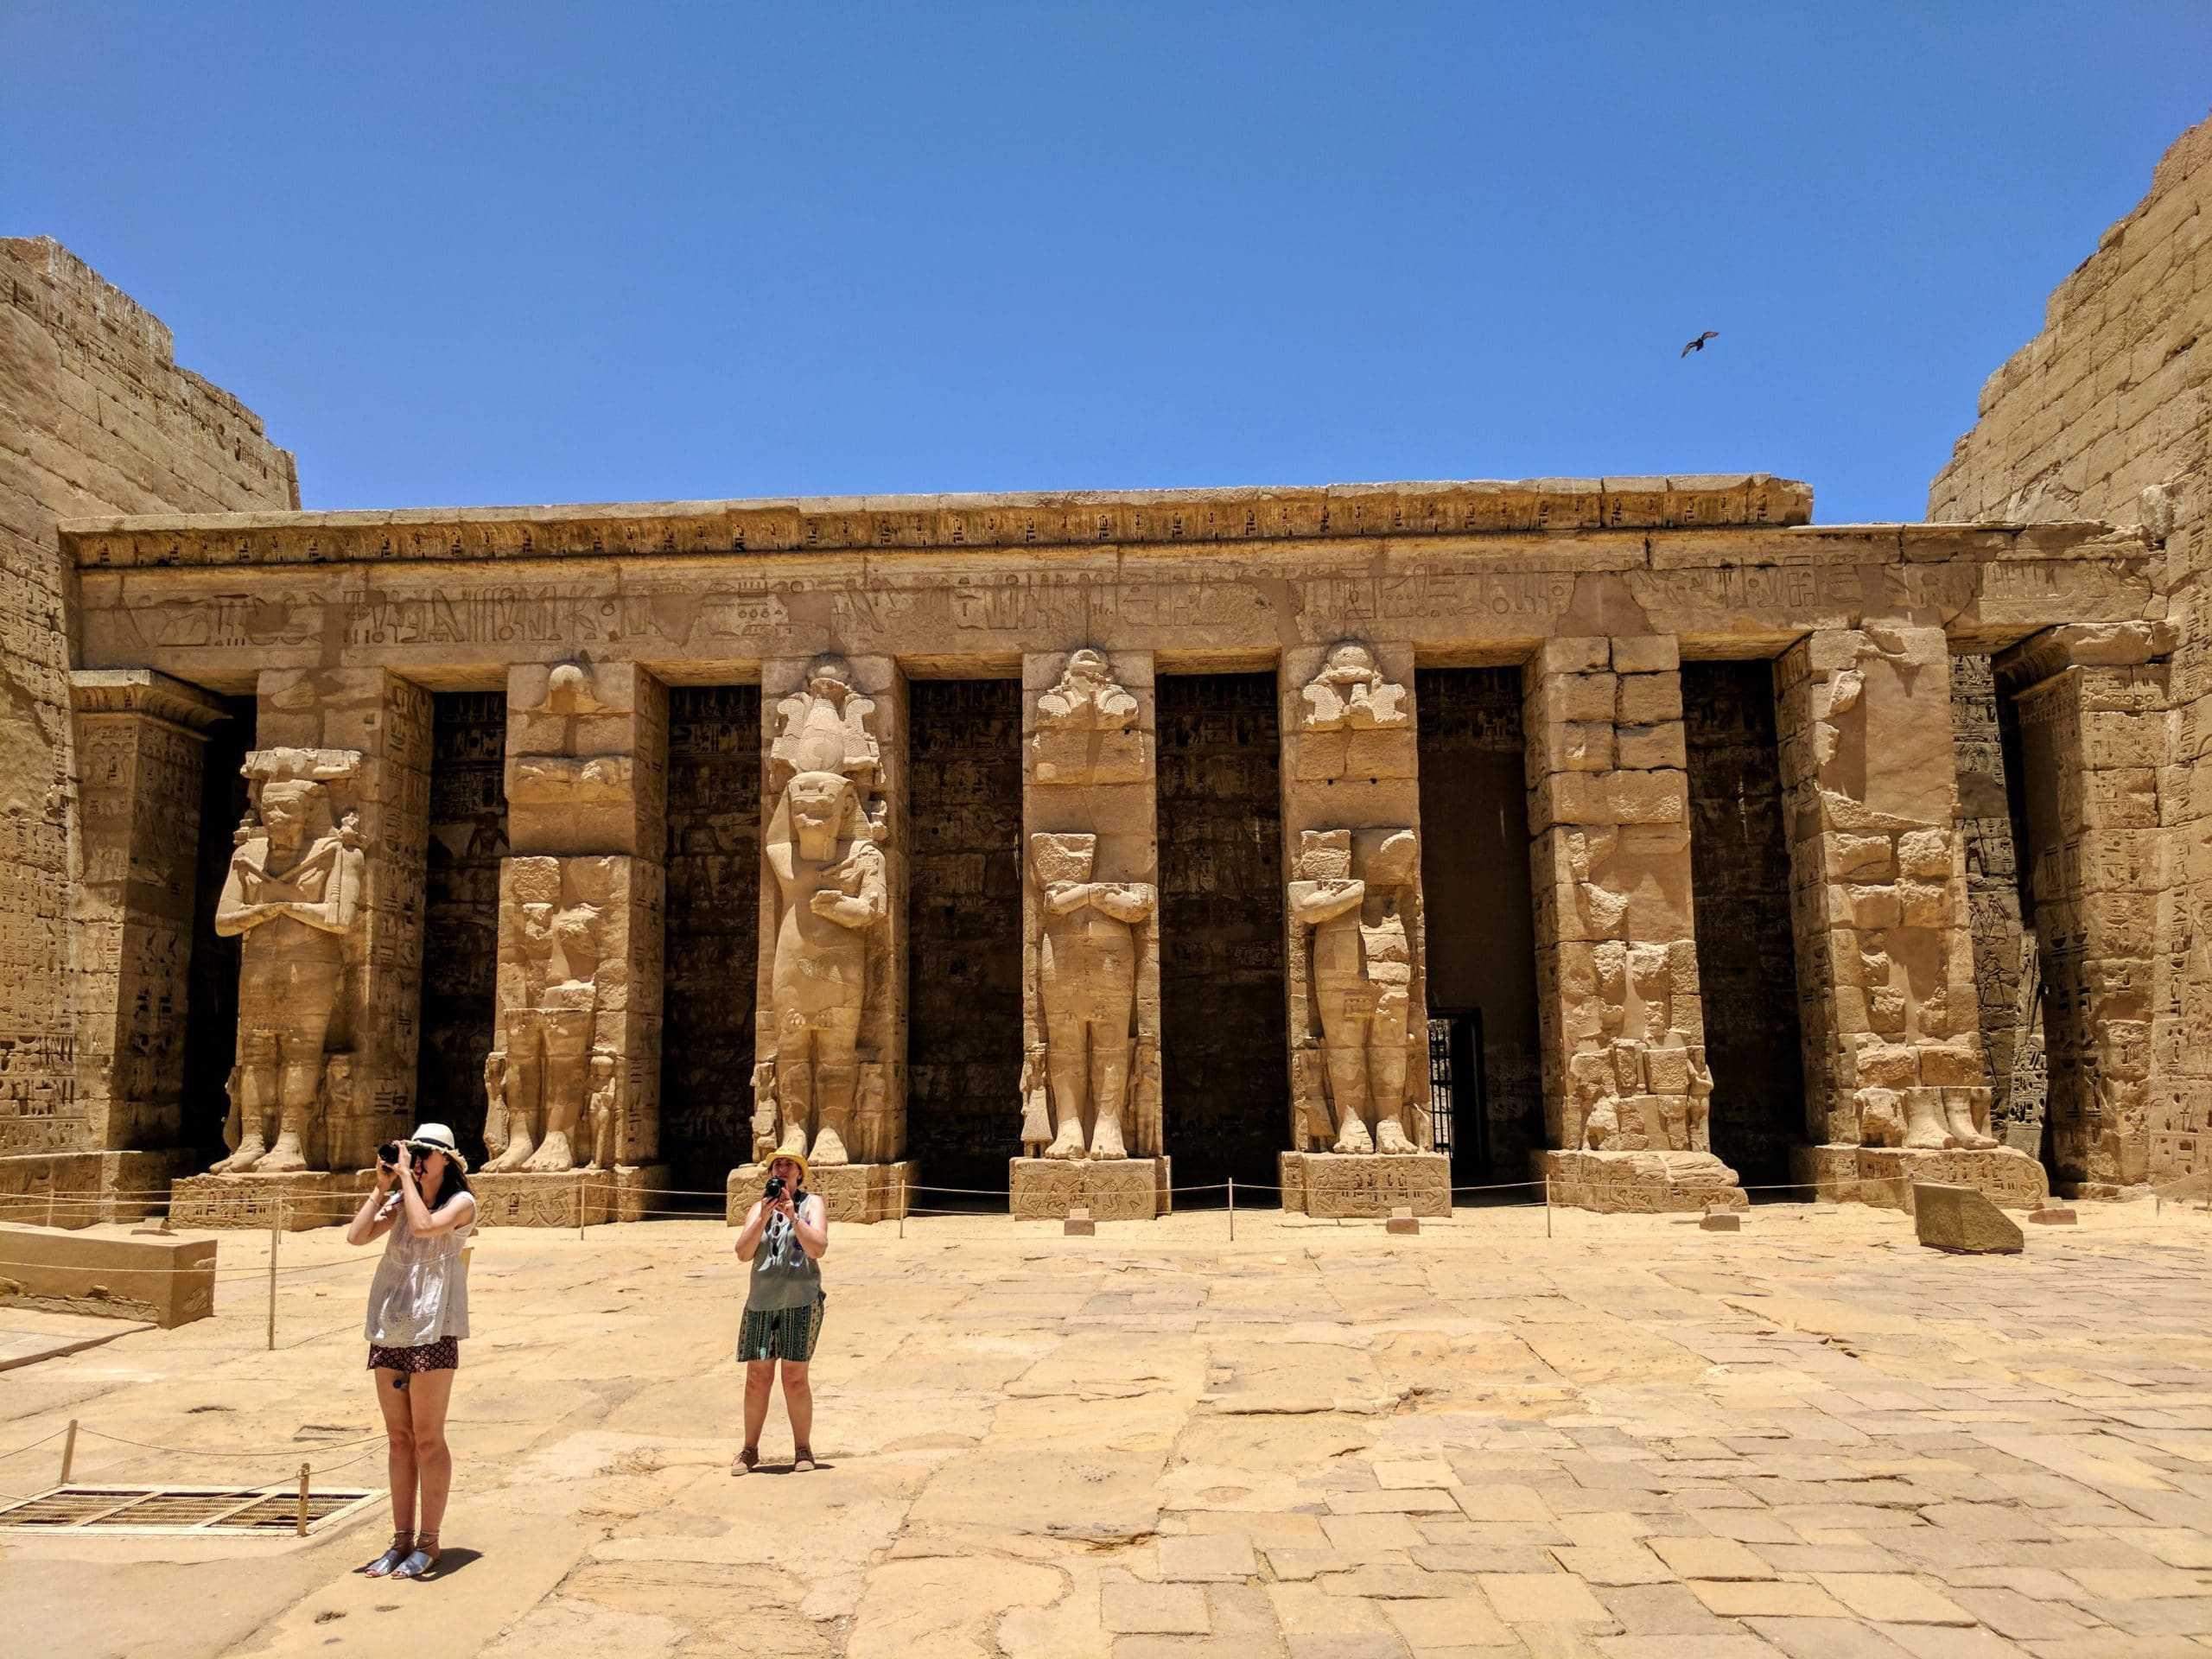 A questão sobre as roupas para mulheres no Egito não está bem resolvida nesta imagem que mostra duas mulheres em um templo.